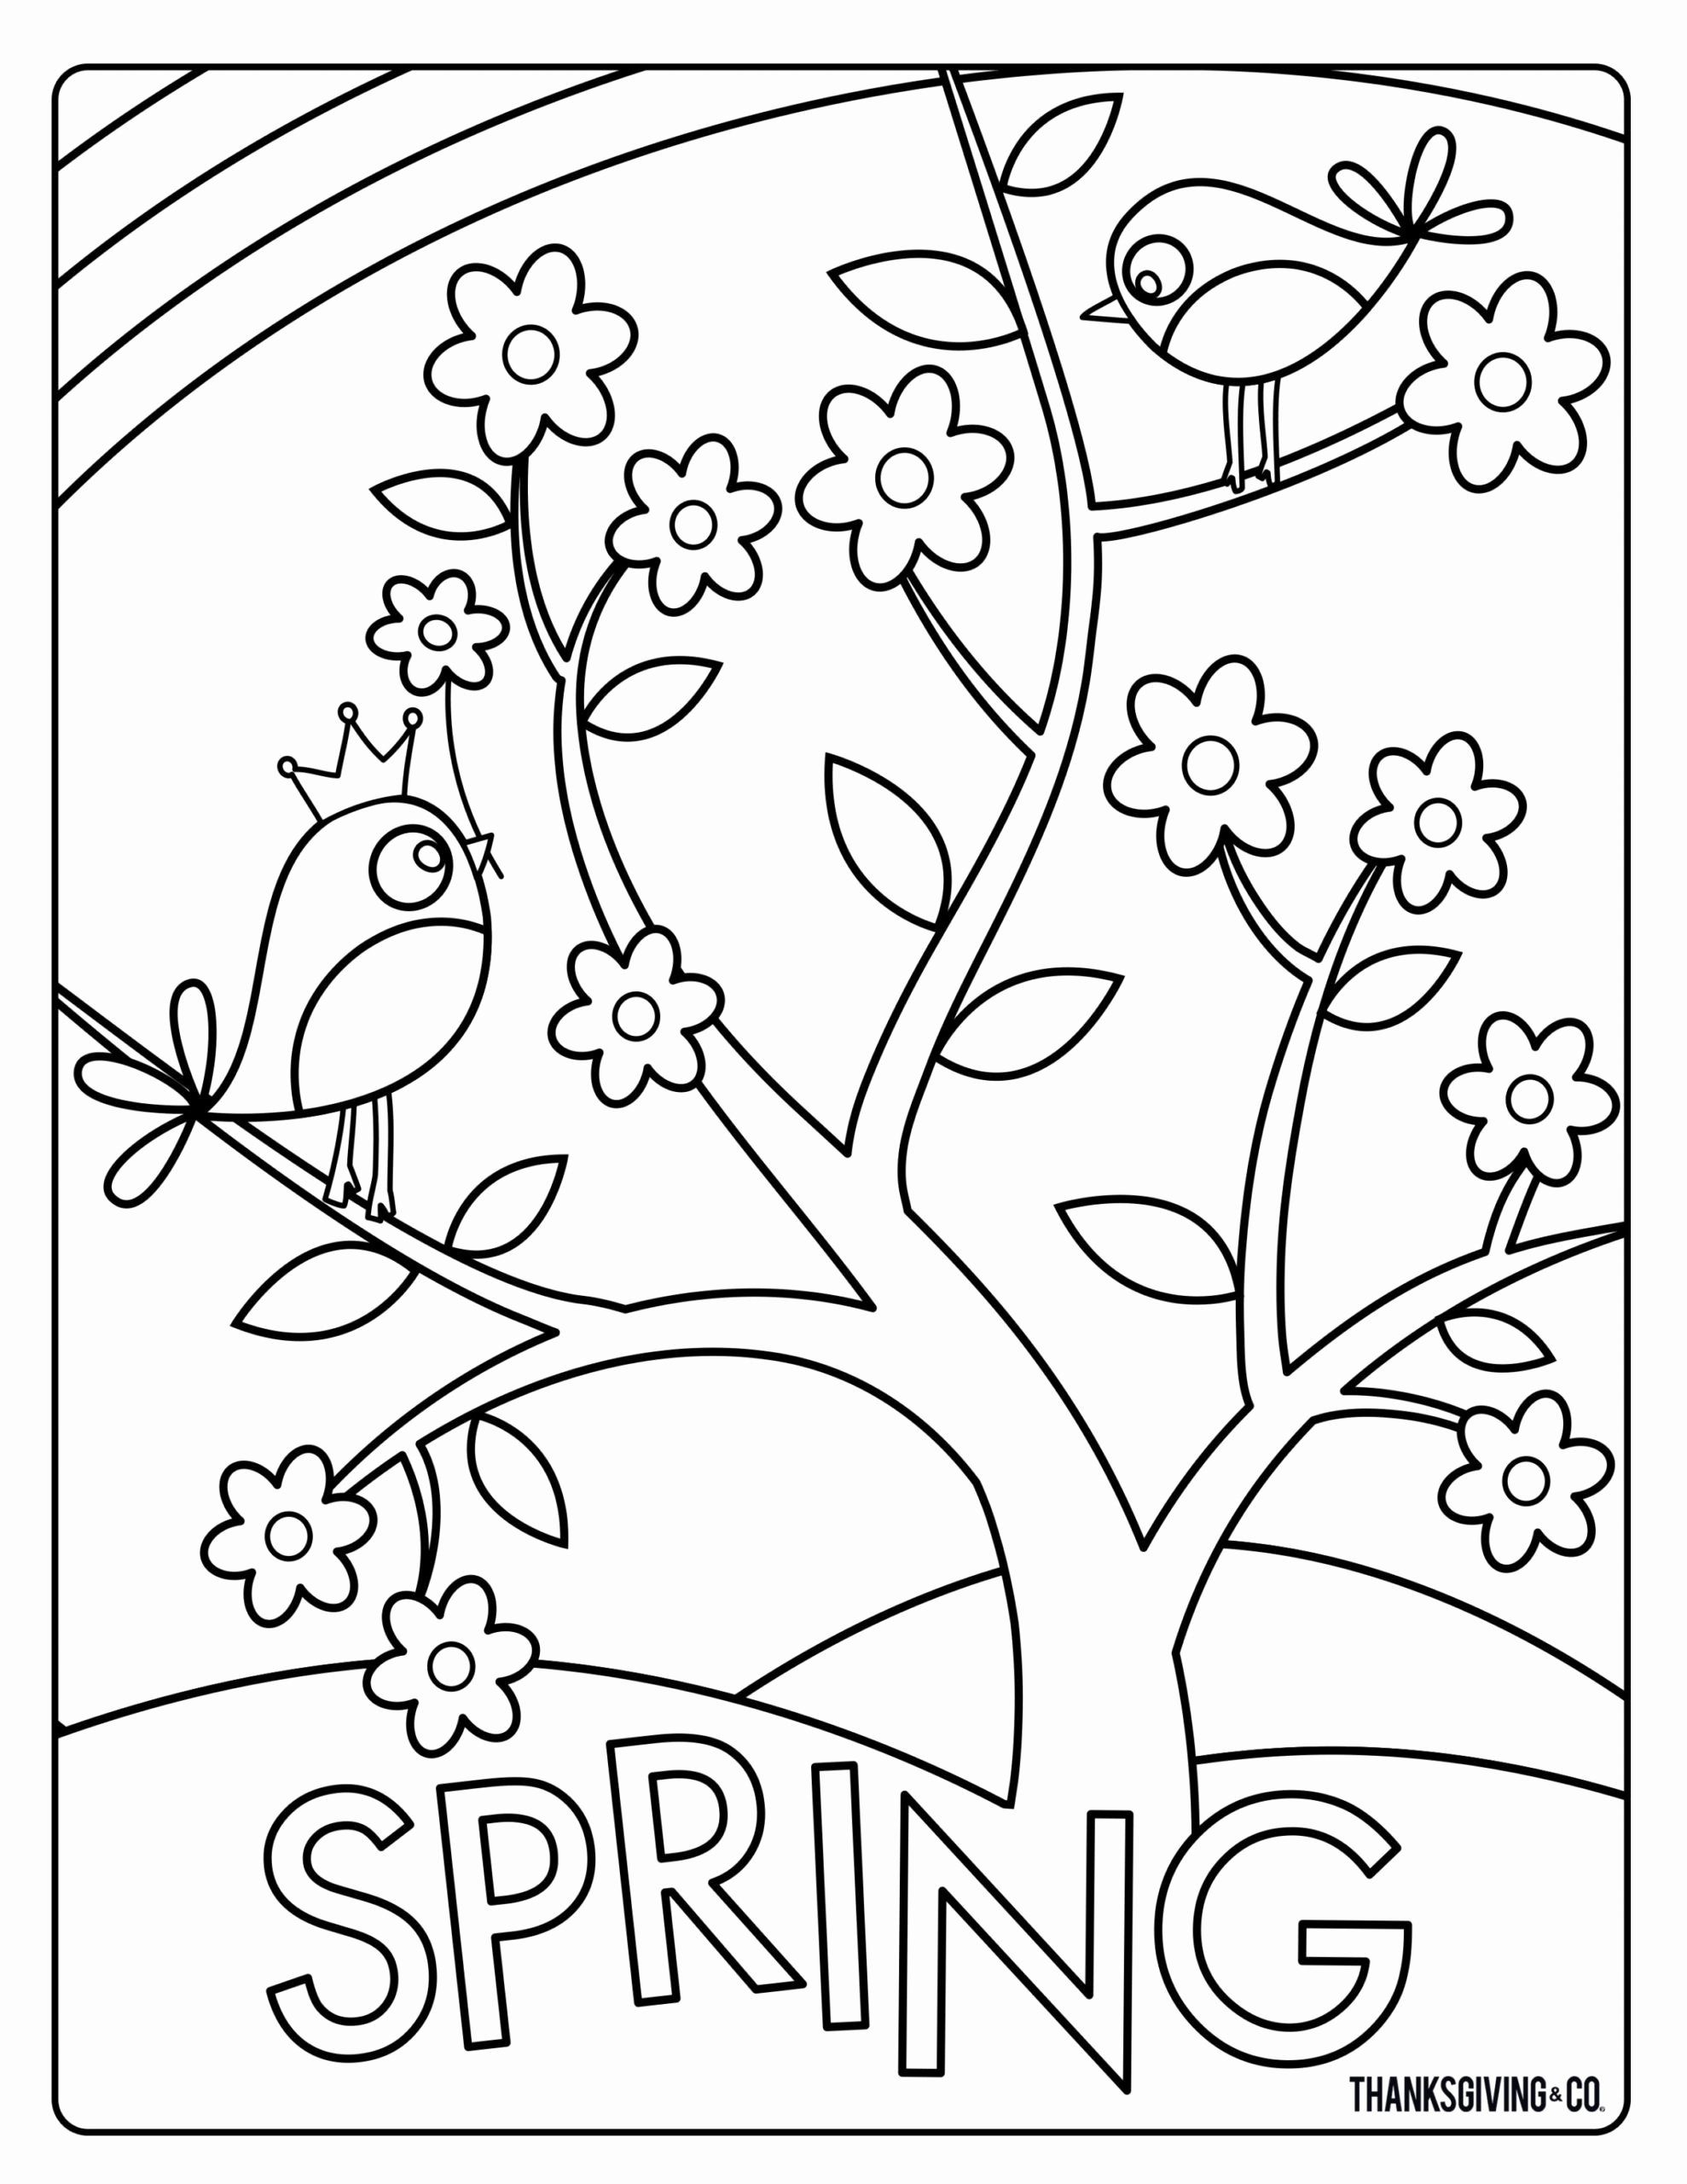 Coloring Worksheets for Preschoolers Printable Spring Coloring Sheets for toddlers Coloringheets Happy Kids